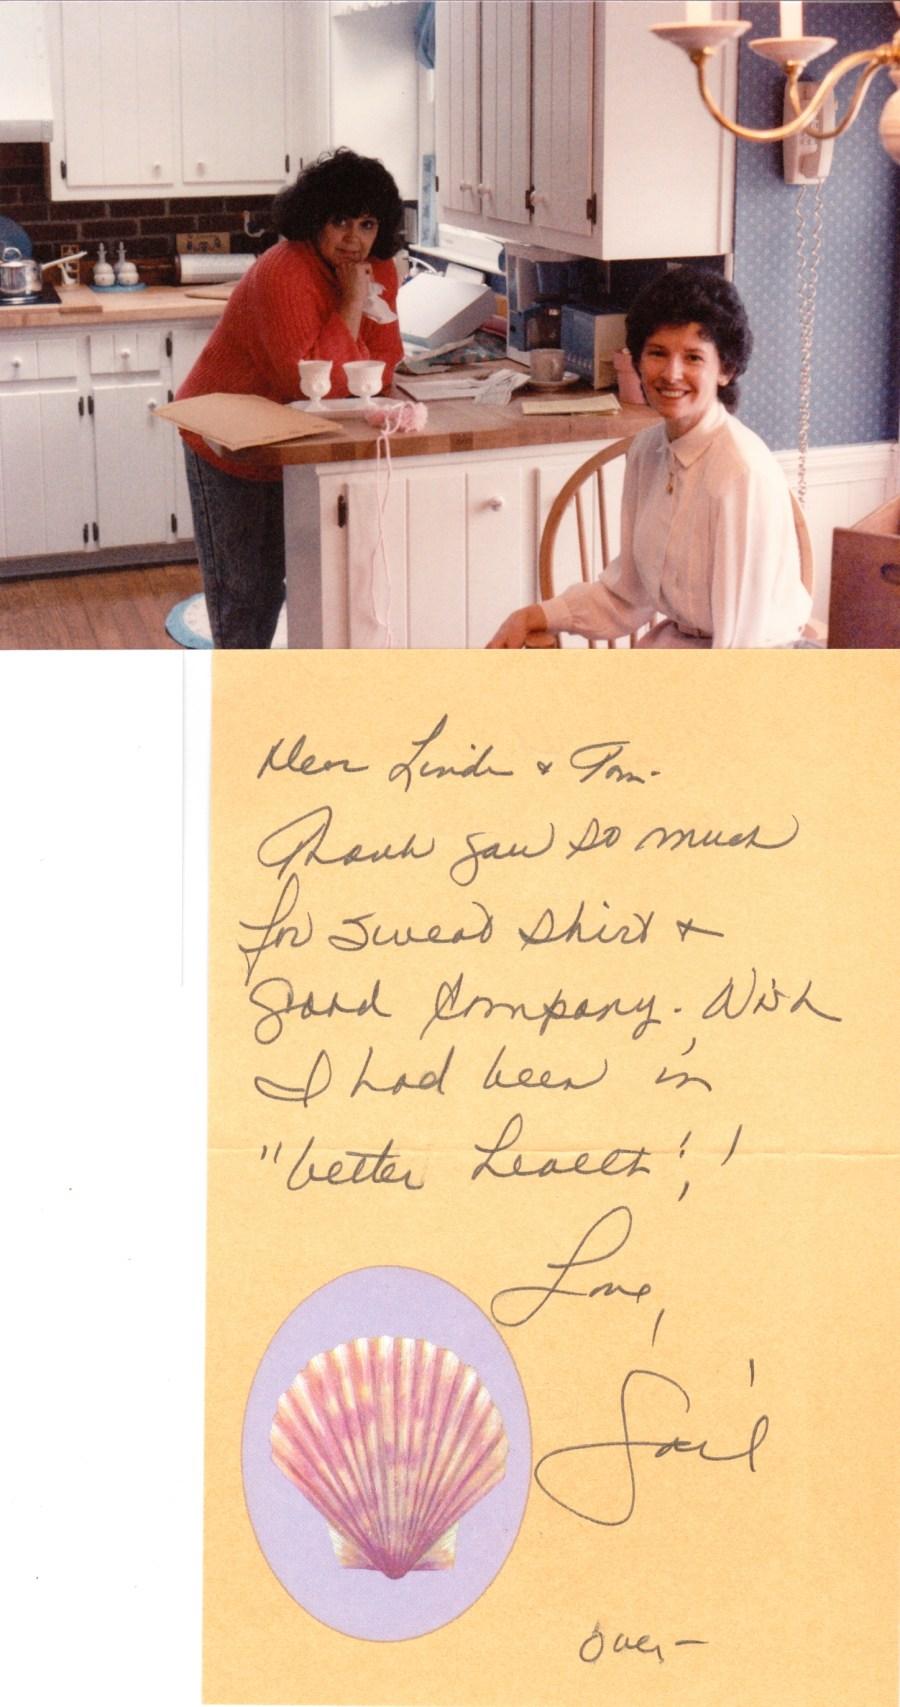 My visit in Gail's home 1990.jpg